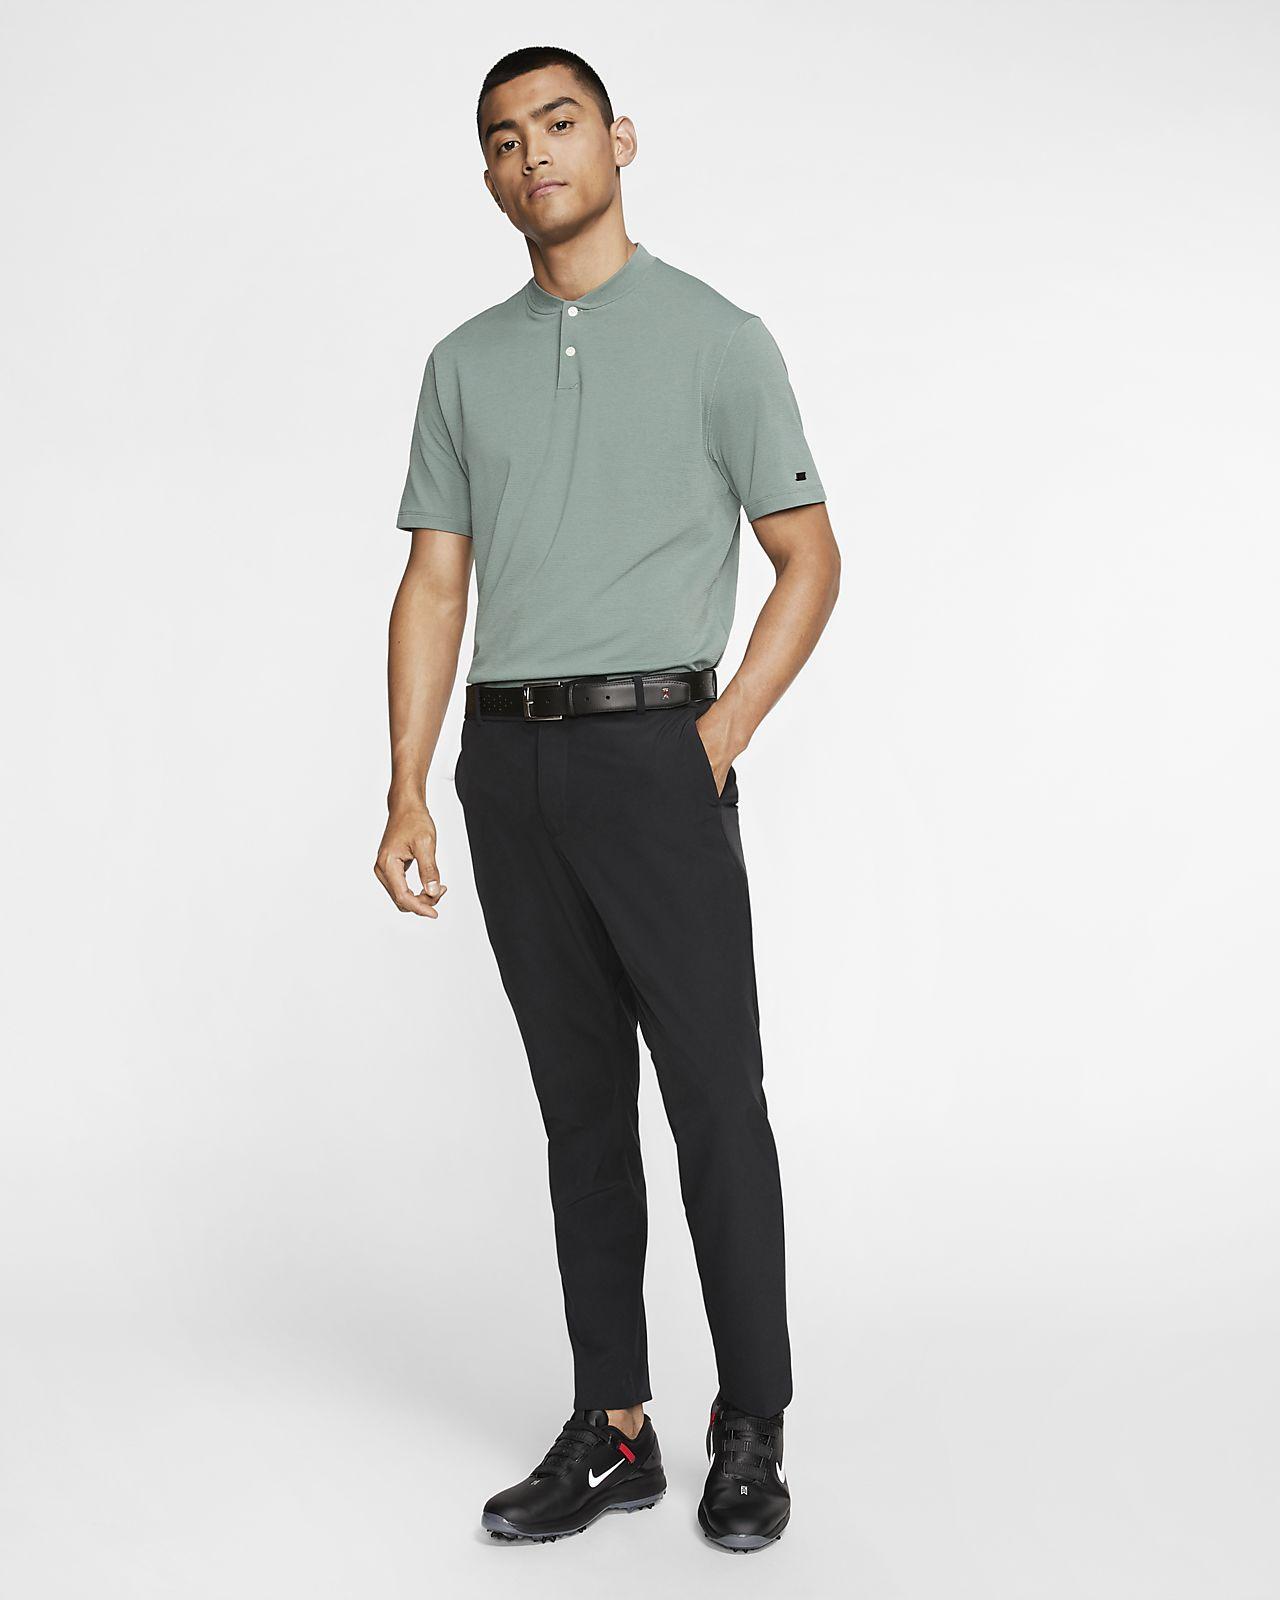 6cb2e7f3 Nike AeroReact Tiger Woods Vapor Men's Golf Polo. Nike.com